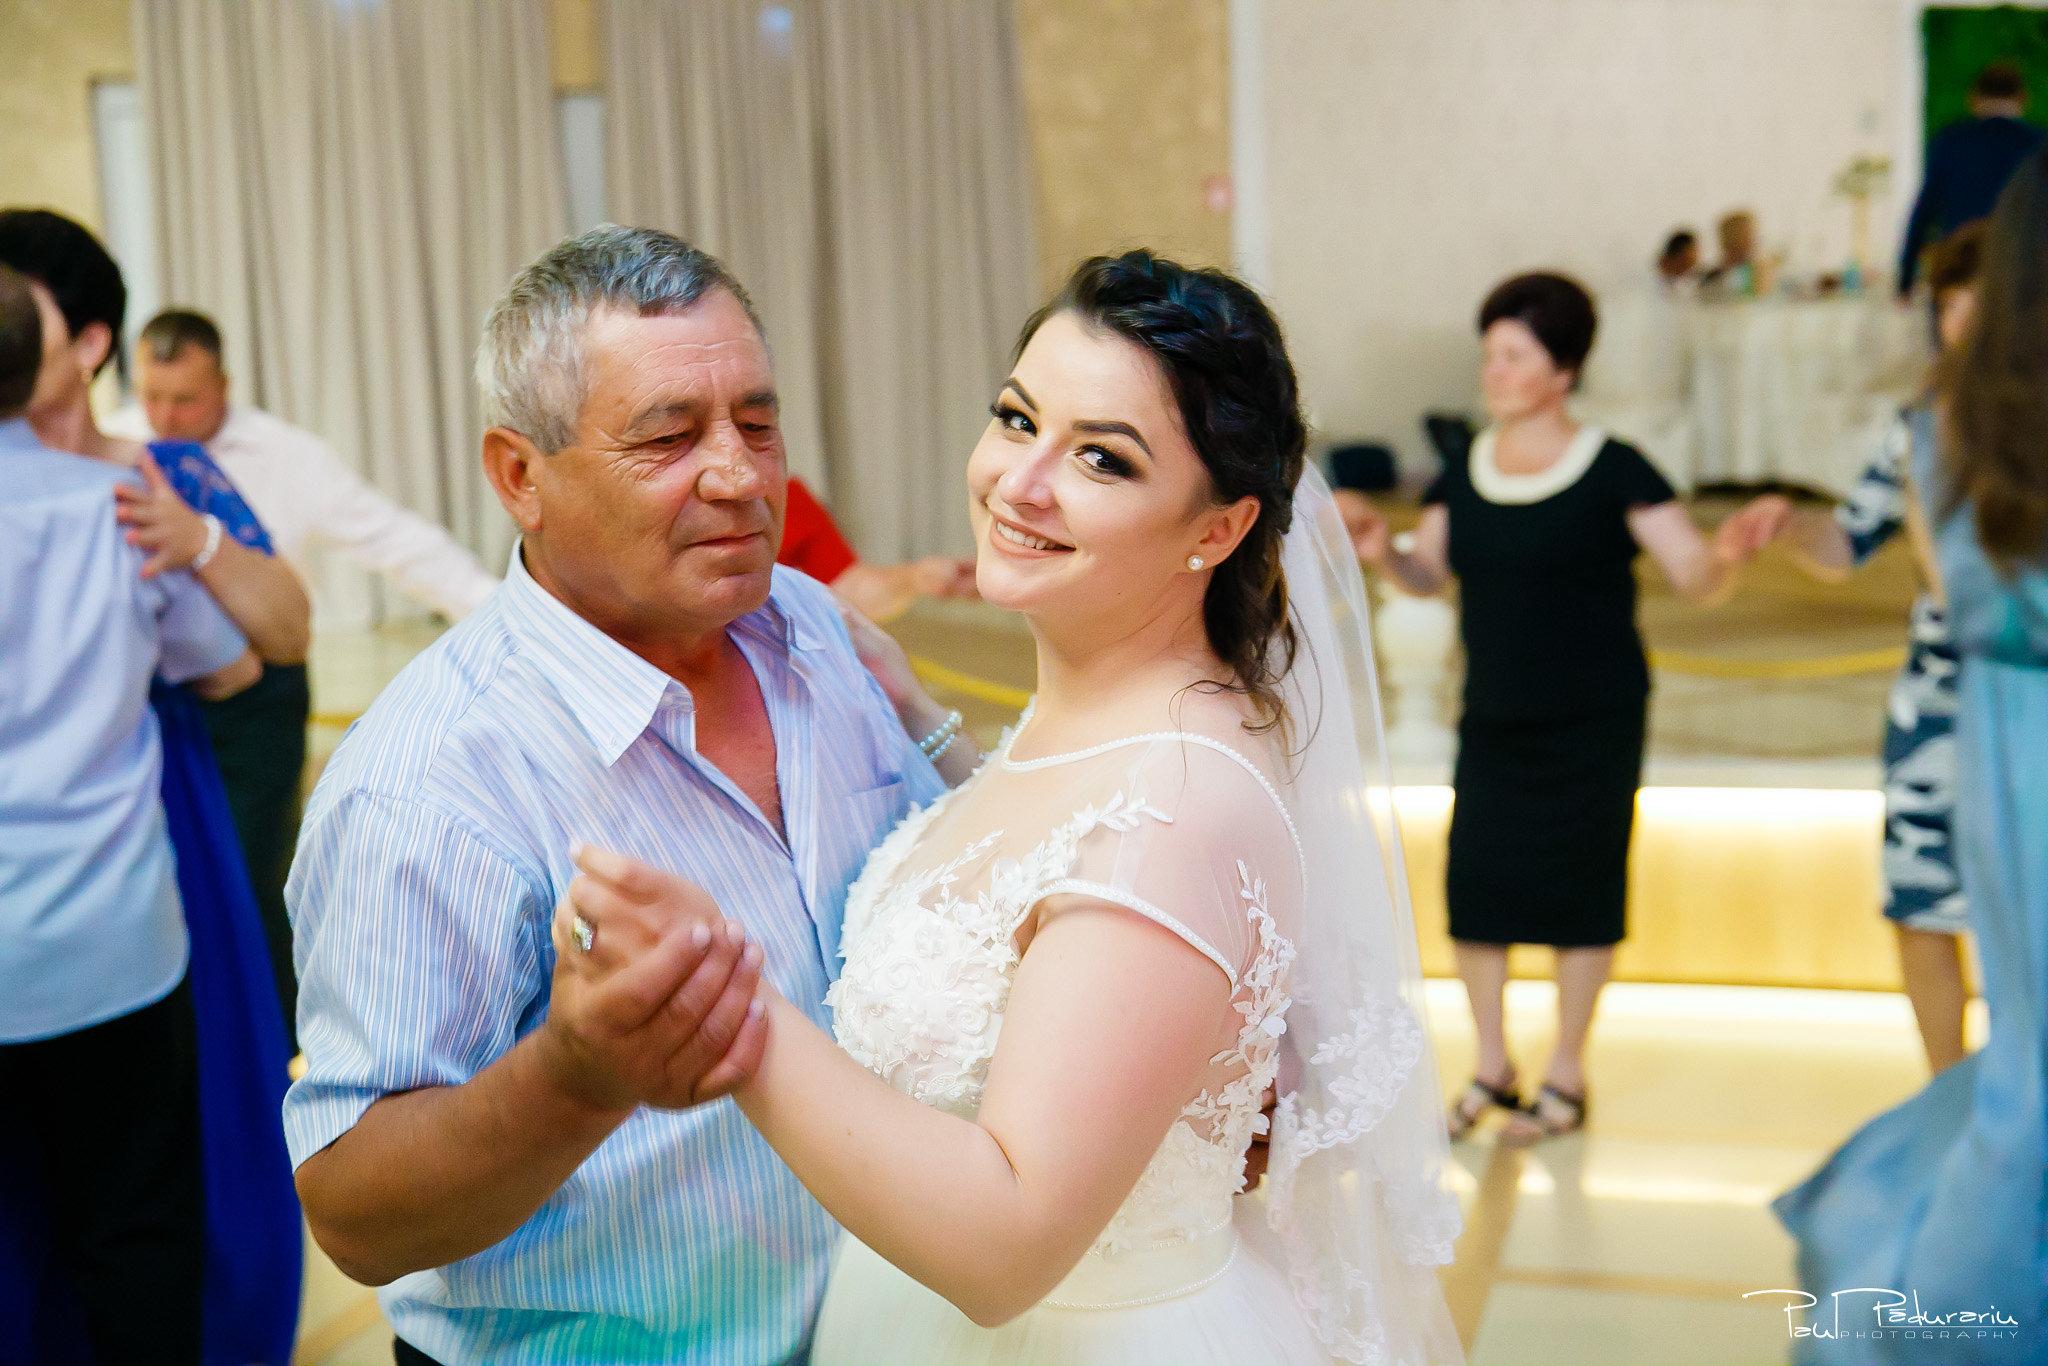 Nunta la Castel Iasi Ana-Maria si Marius fotograf profesionistwww.paulpadurariu.ro © 2018 Paul Padurariu 9